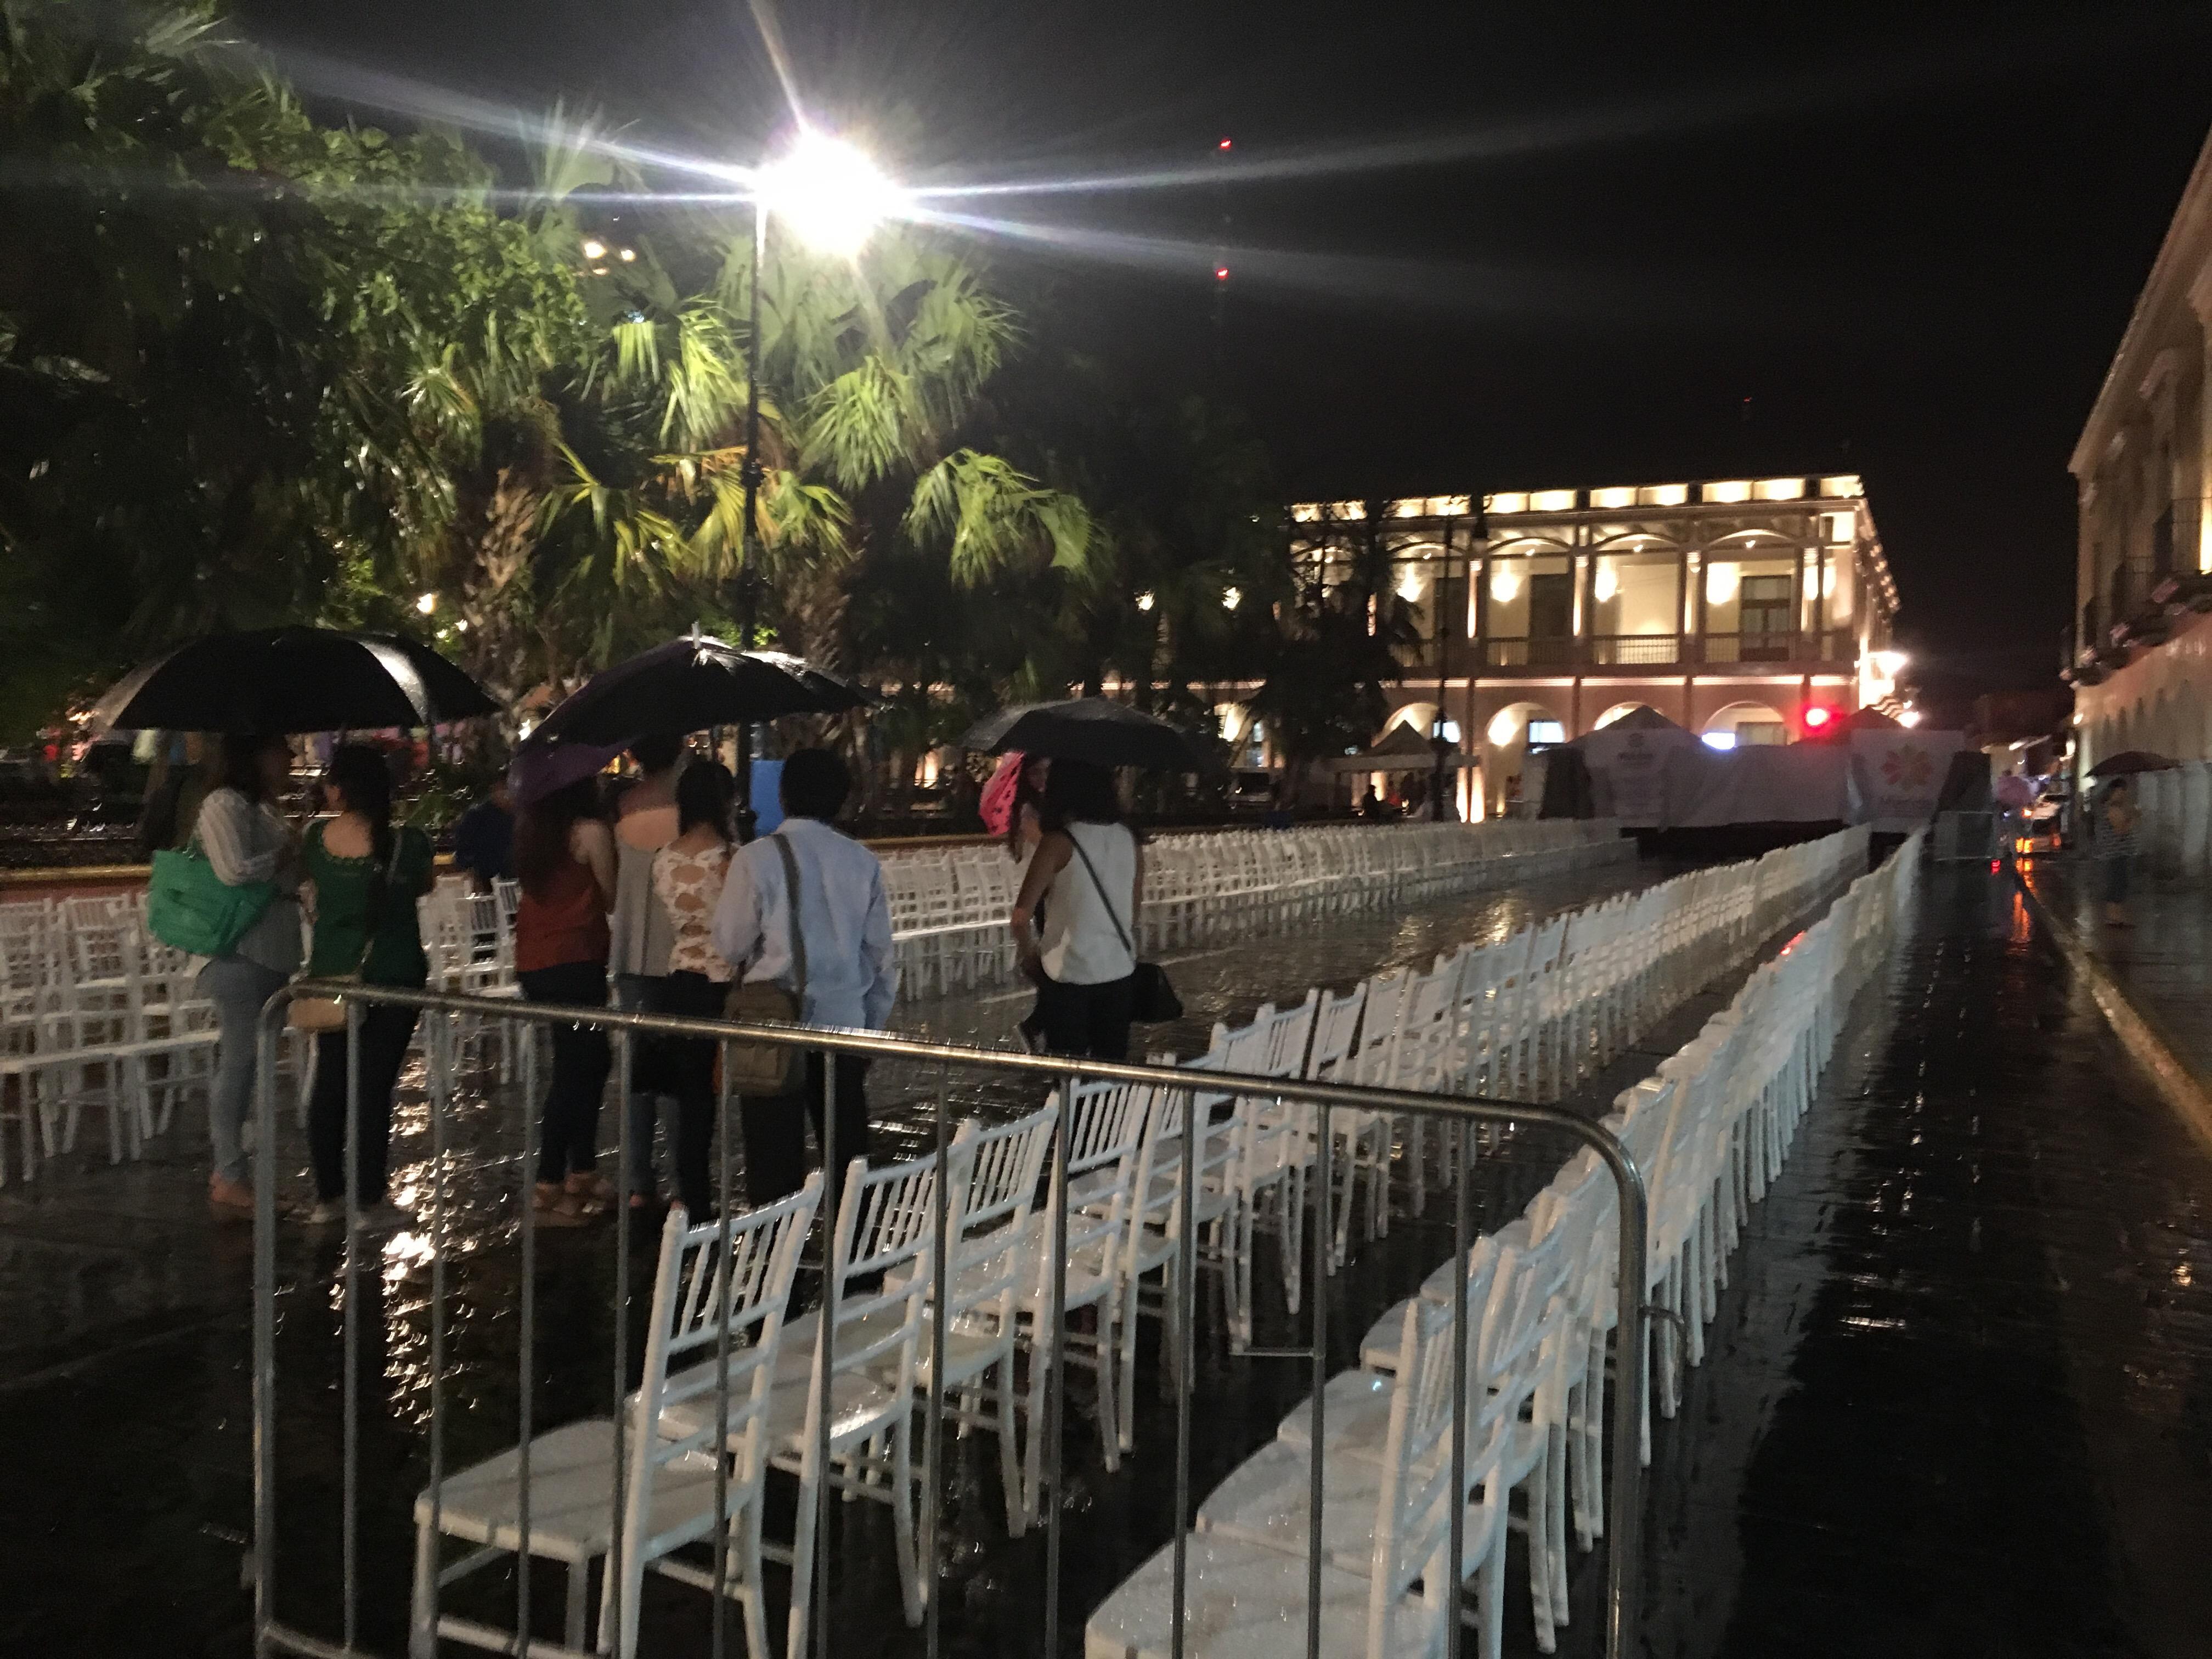 Noche Blanca, bajo lluvia, obliga a suspender conciertos